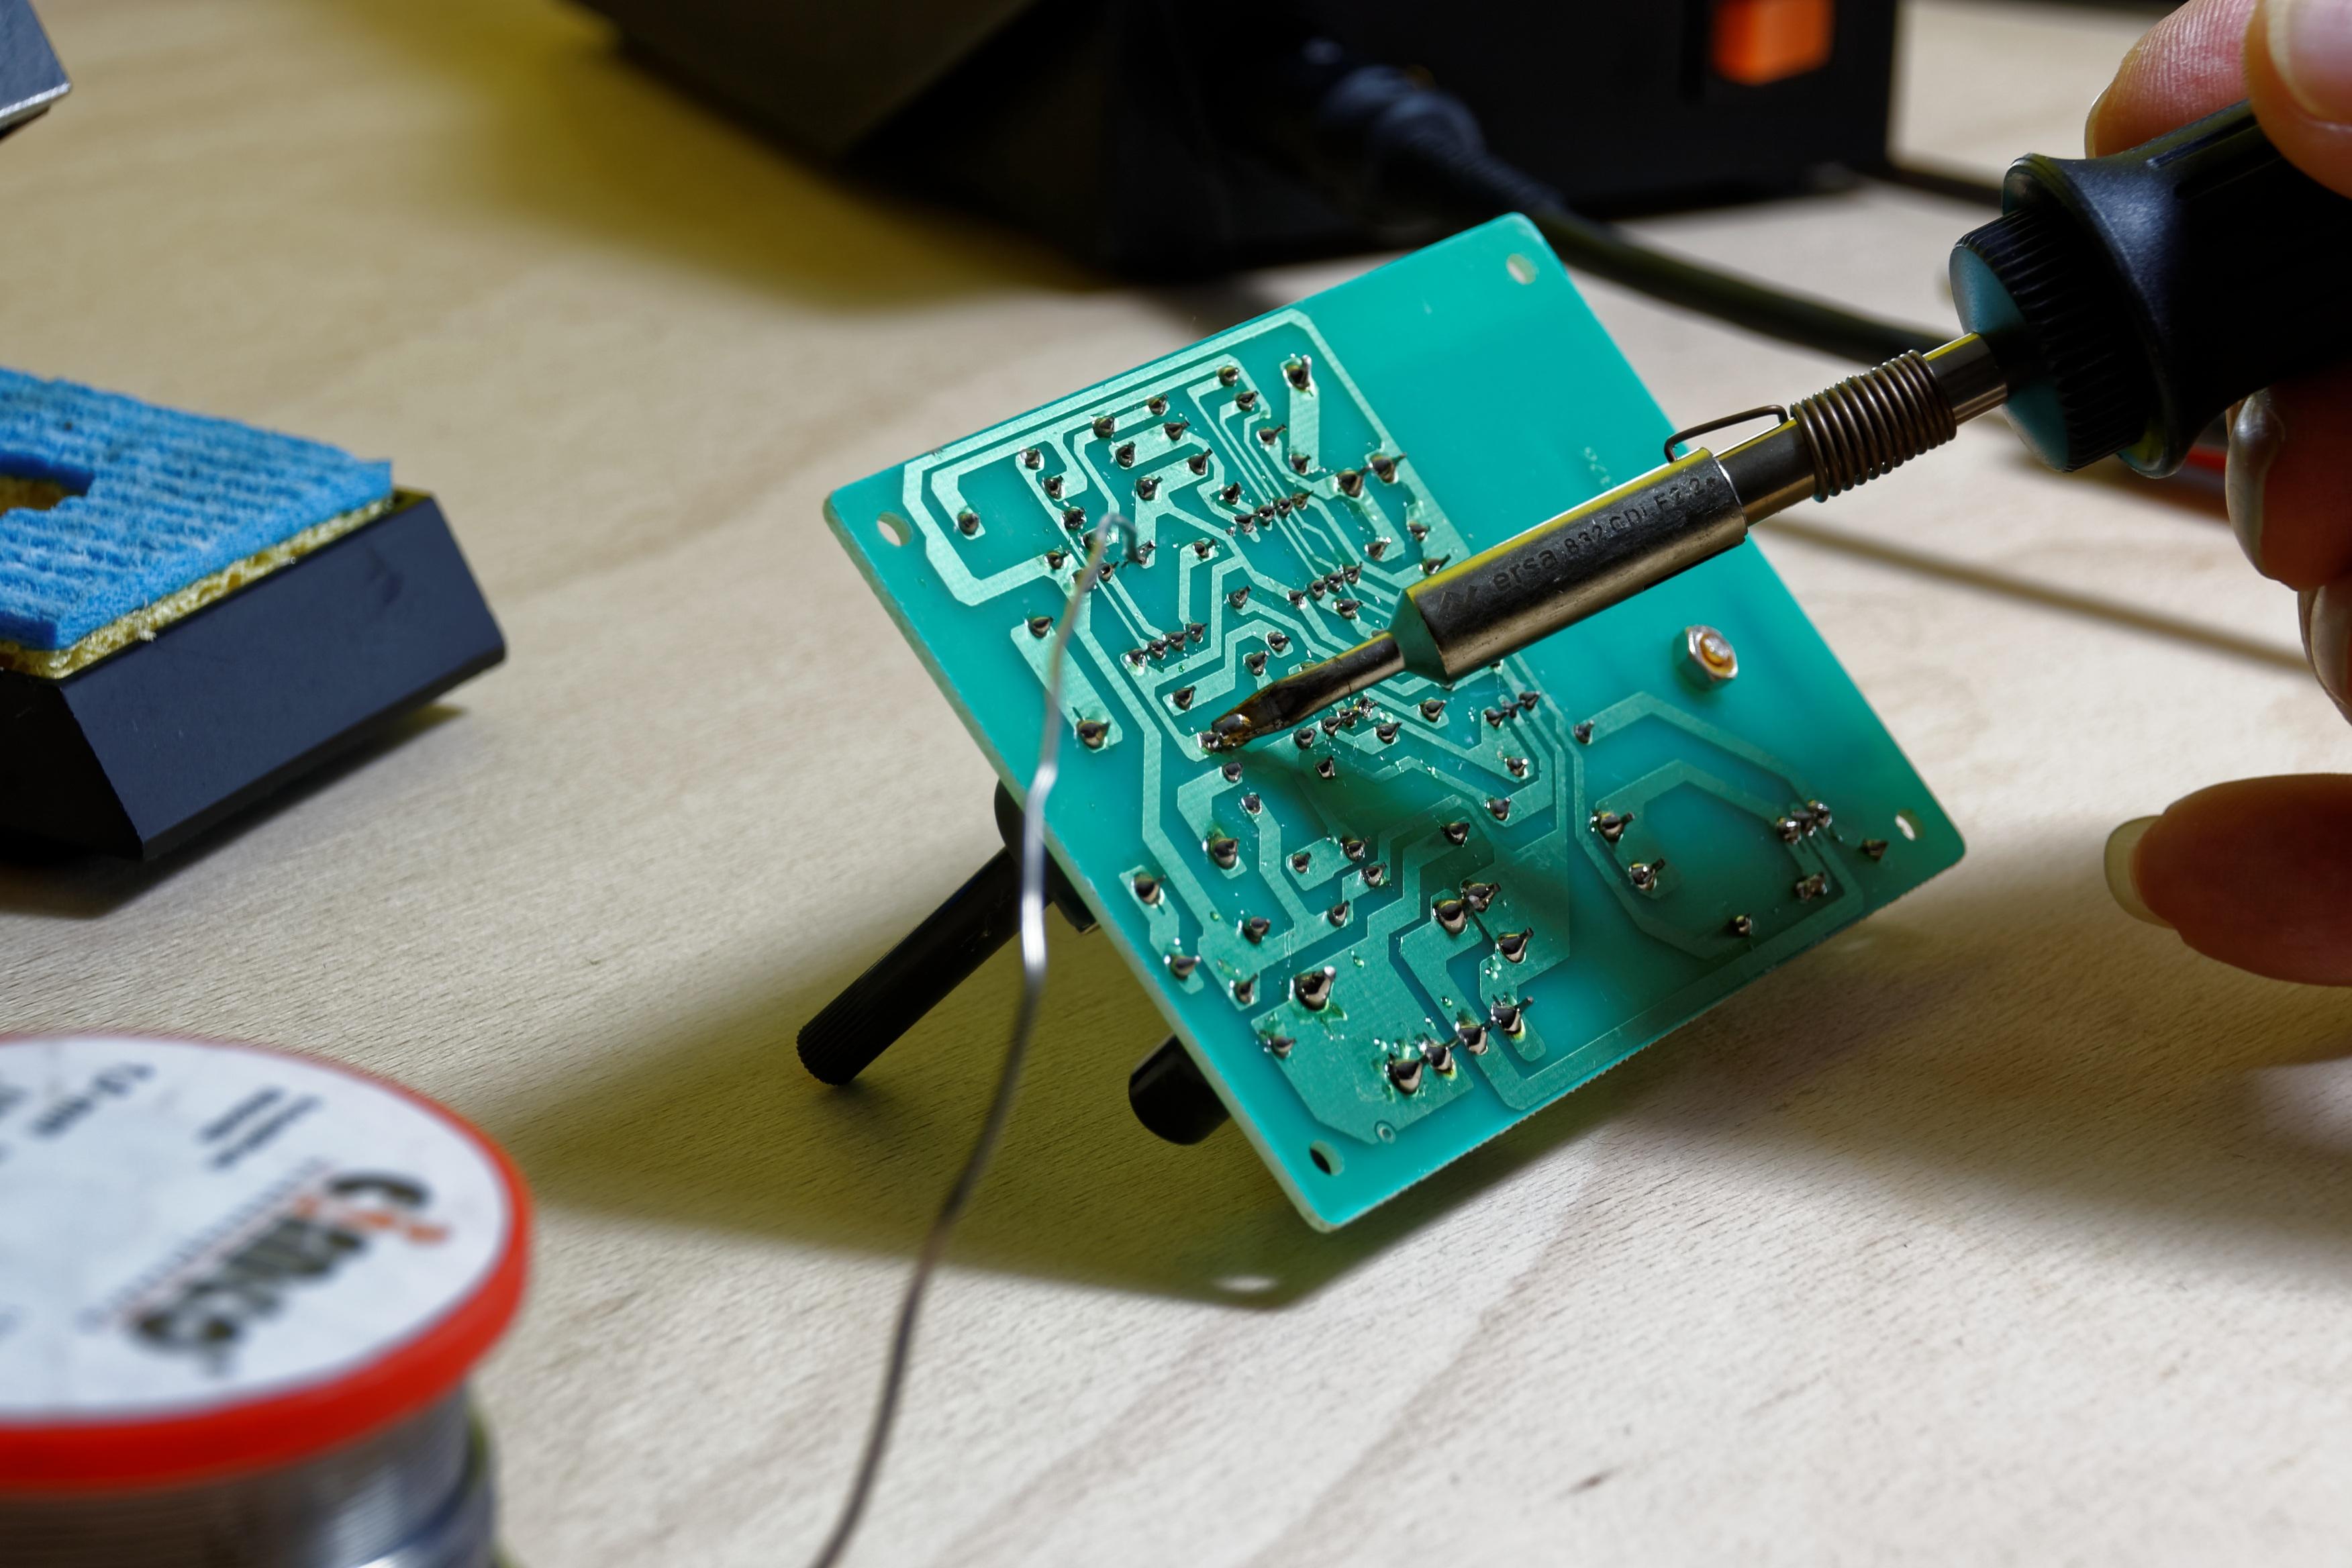 Kostenlose foto : Tafel, Technologie, Grün, Gadget, blau, Spielzeug ...